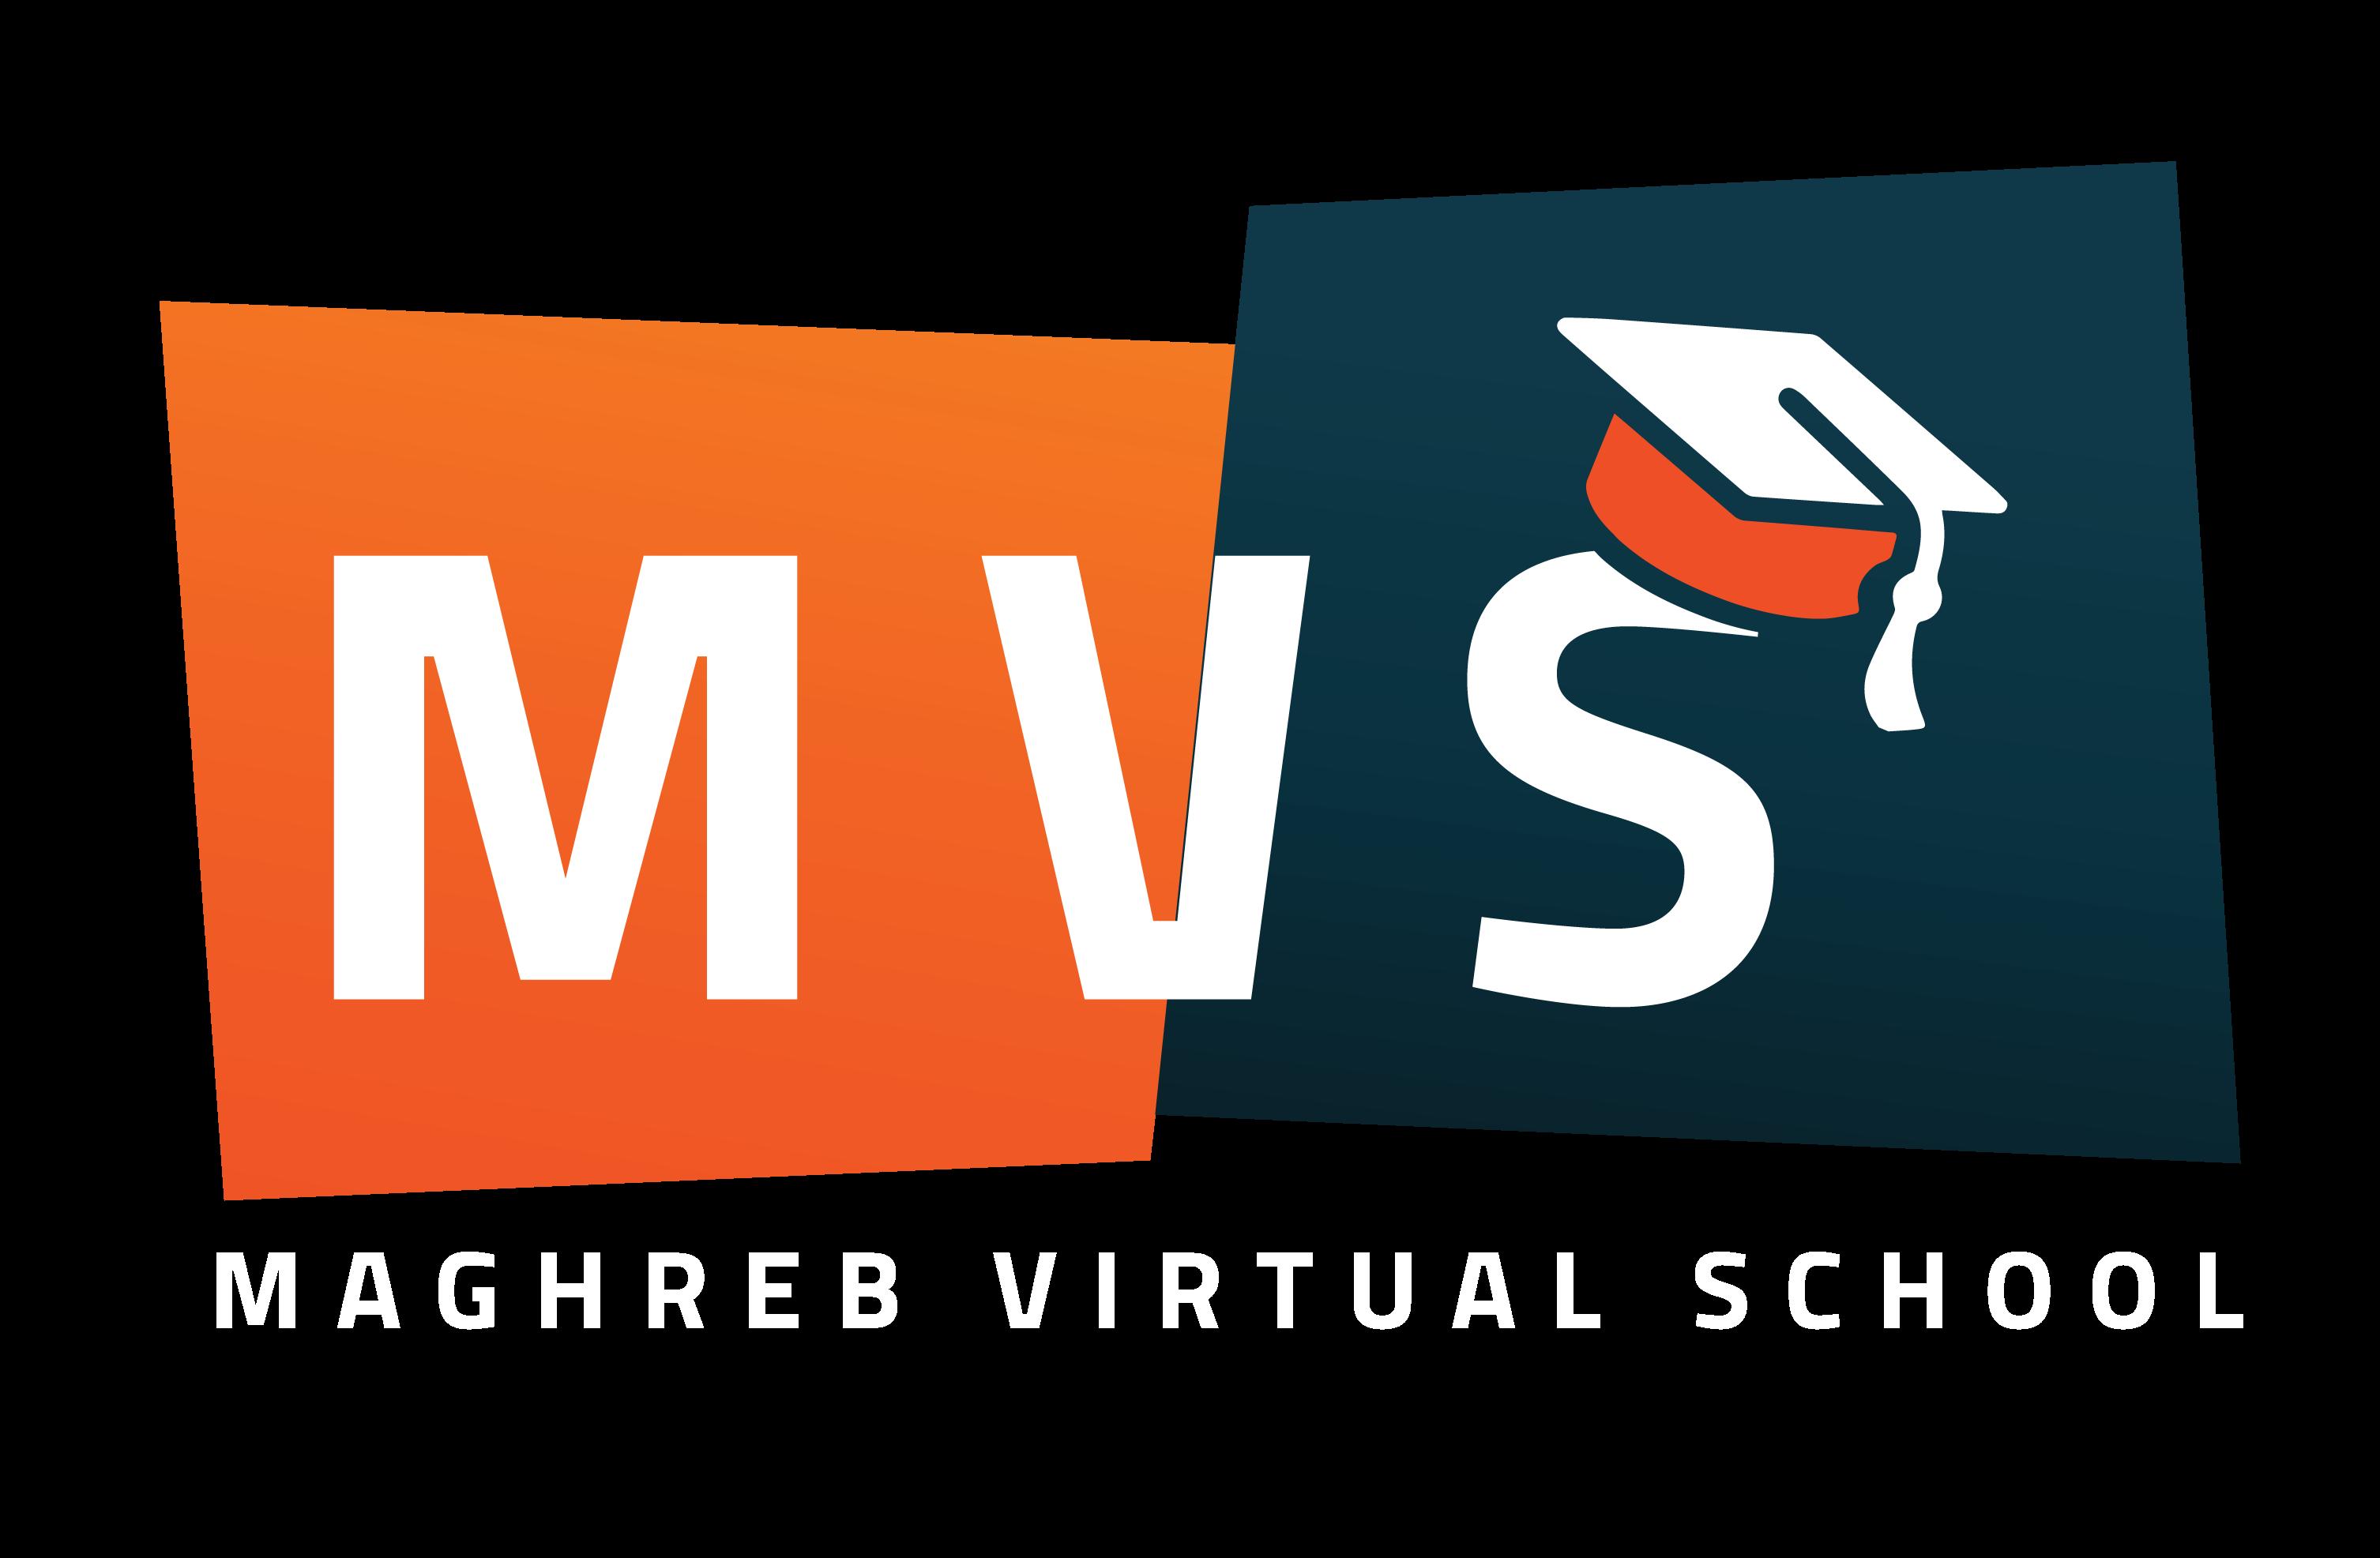 Maghreb Virtual School